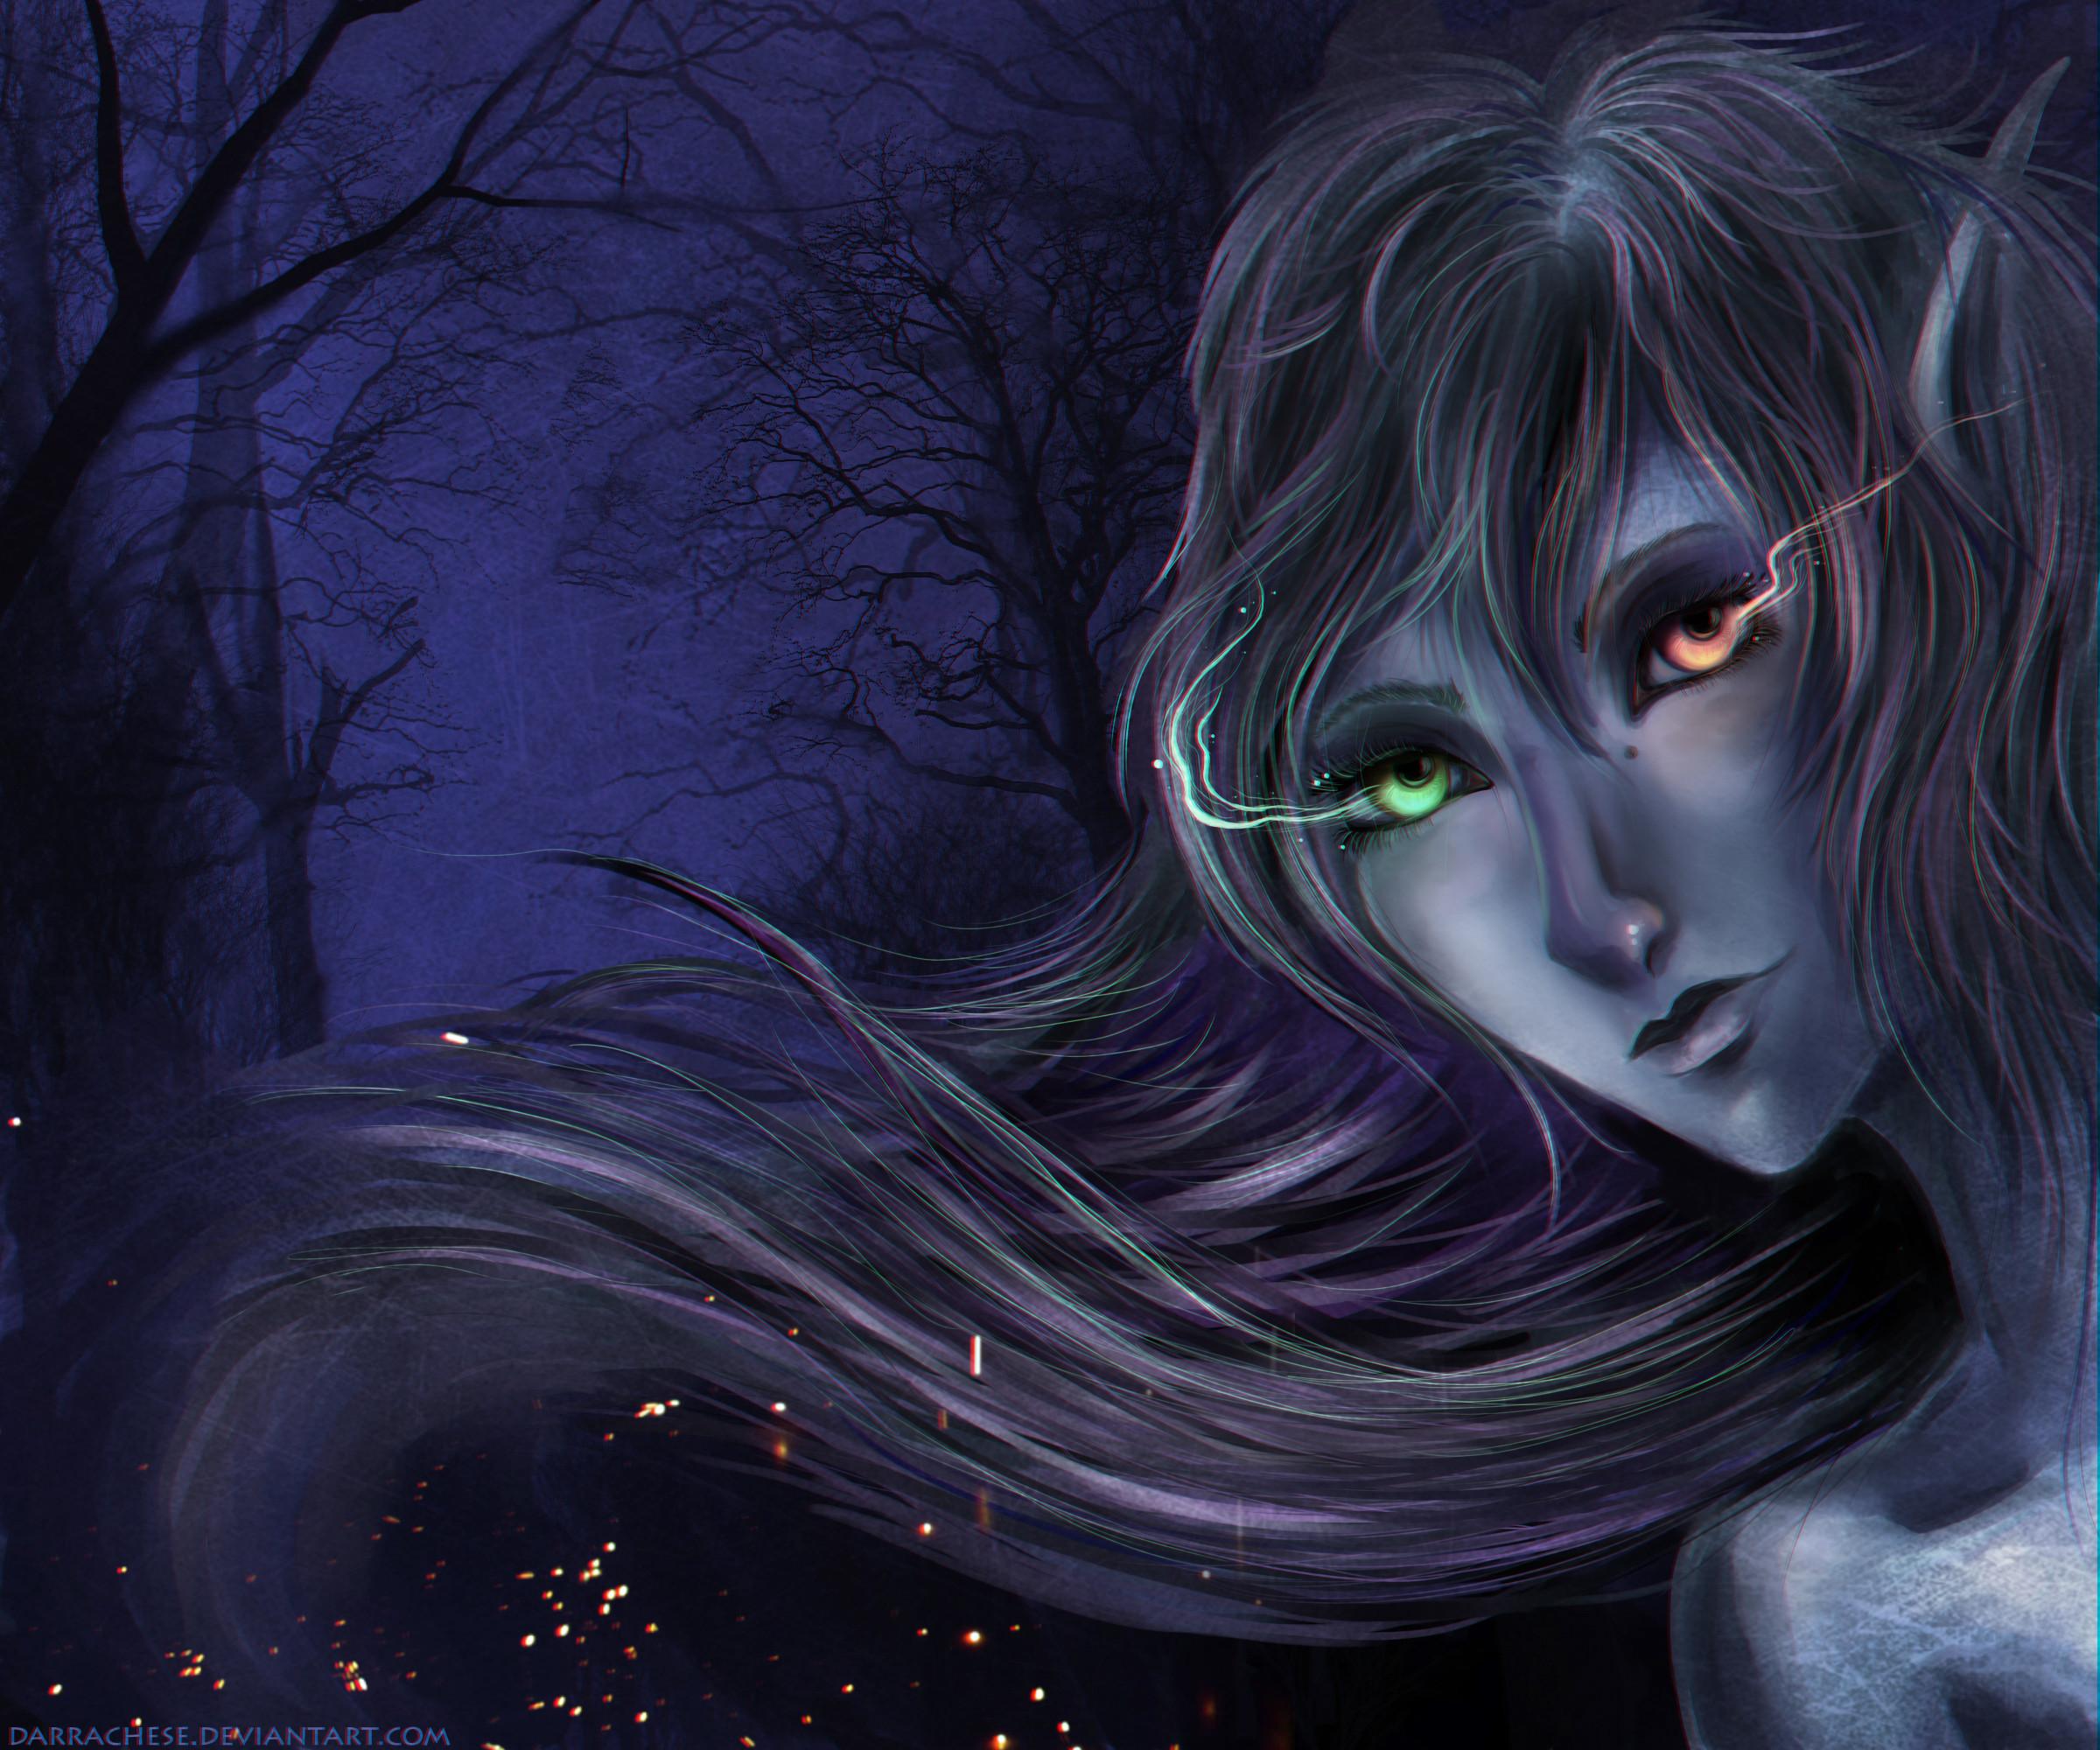 night Elf Wallpaper by DarraChese on DeviantArt